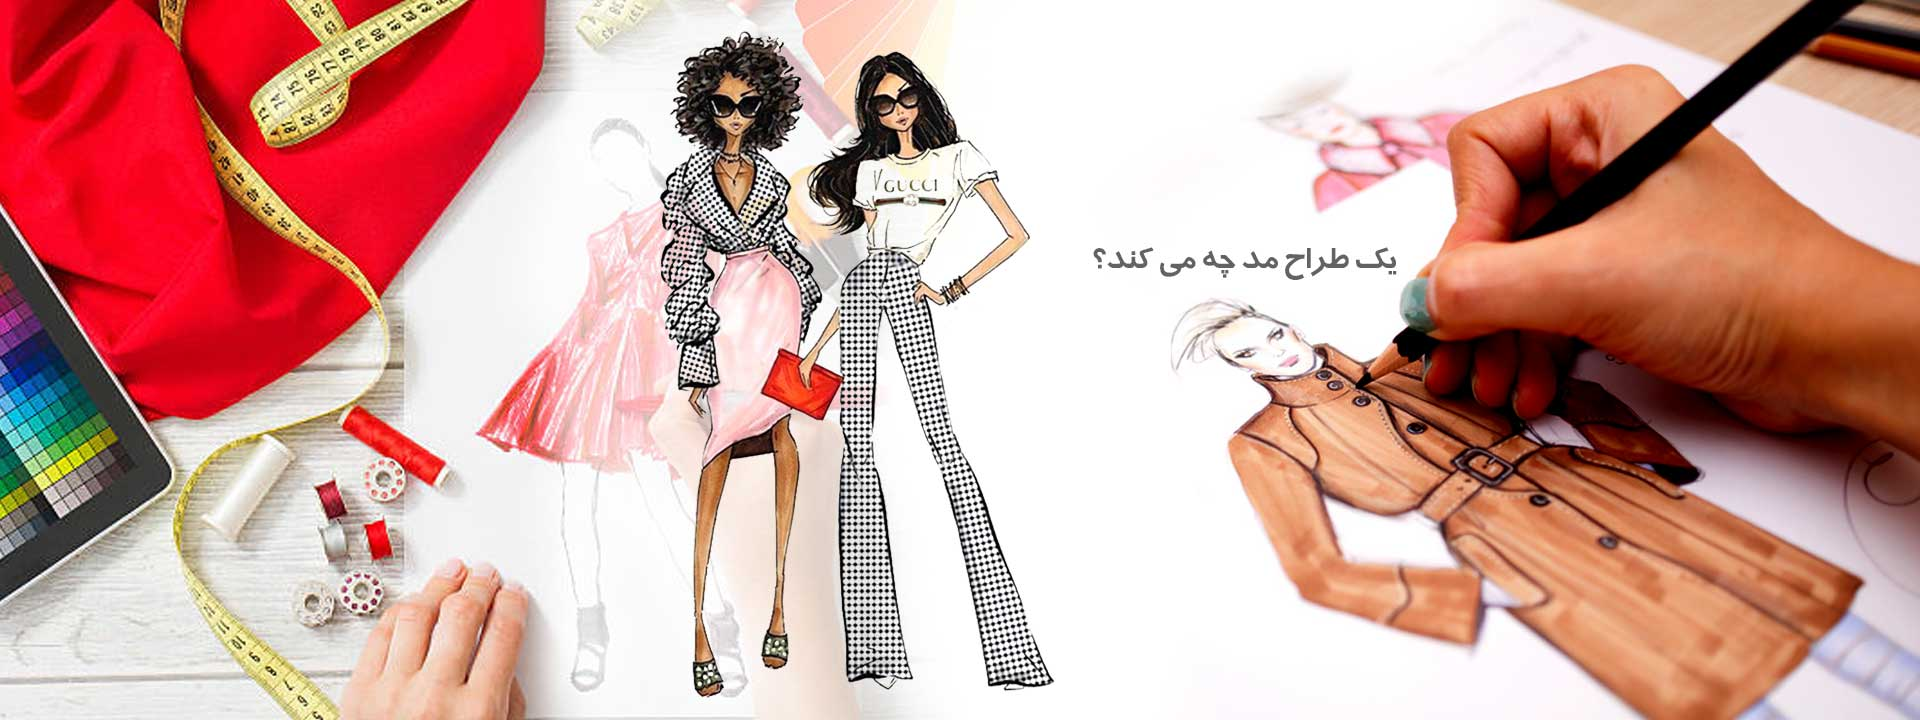 fashion designe 2 - یک طراح مد چه می کند؟